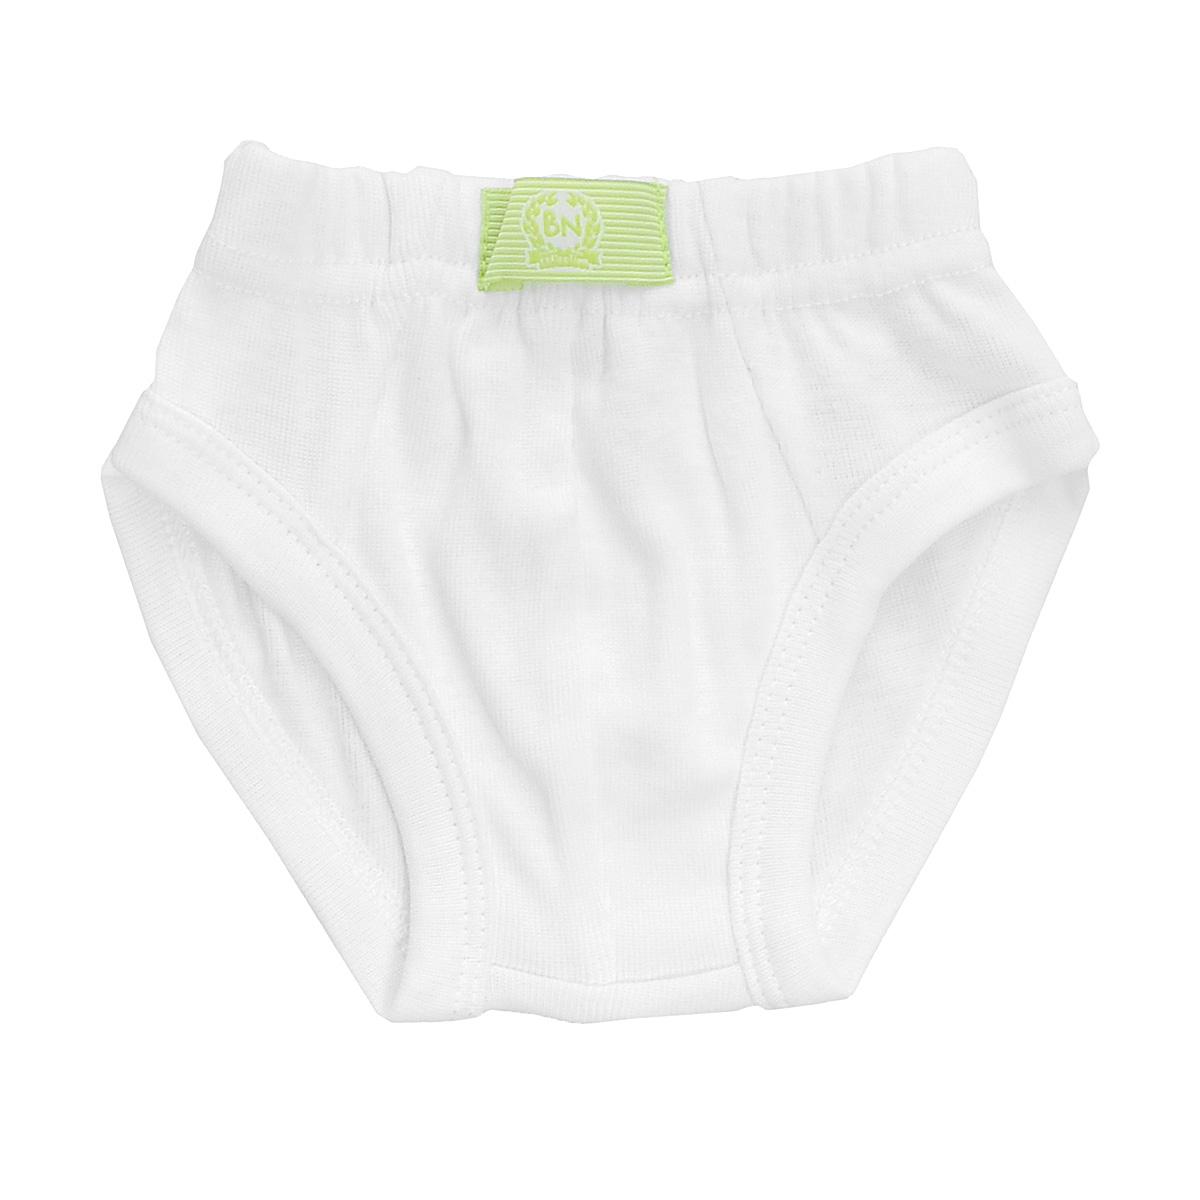 Трусы для мальчика Bossa Nova, цвет: белый. 469Б-211. Размер 122/128, 7-8 лет